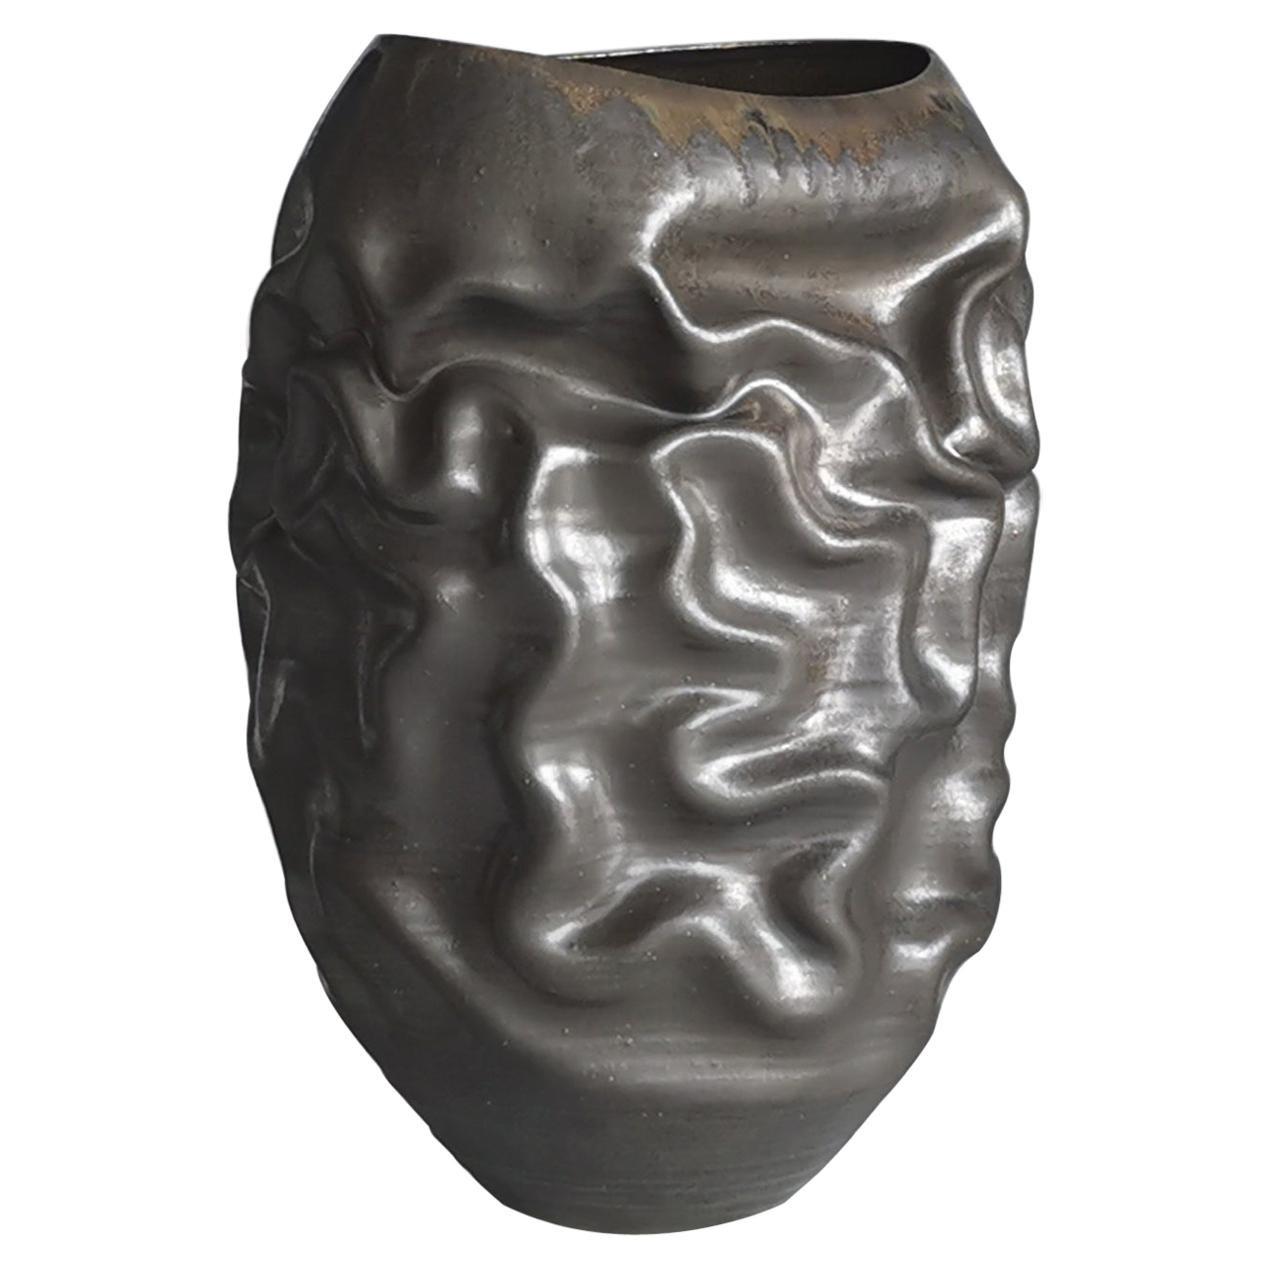 Black Dehydrated Form, Unique Ceramic Sculpture Vessel, Objet d'Art